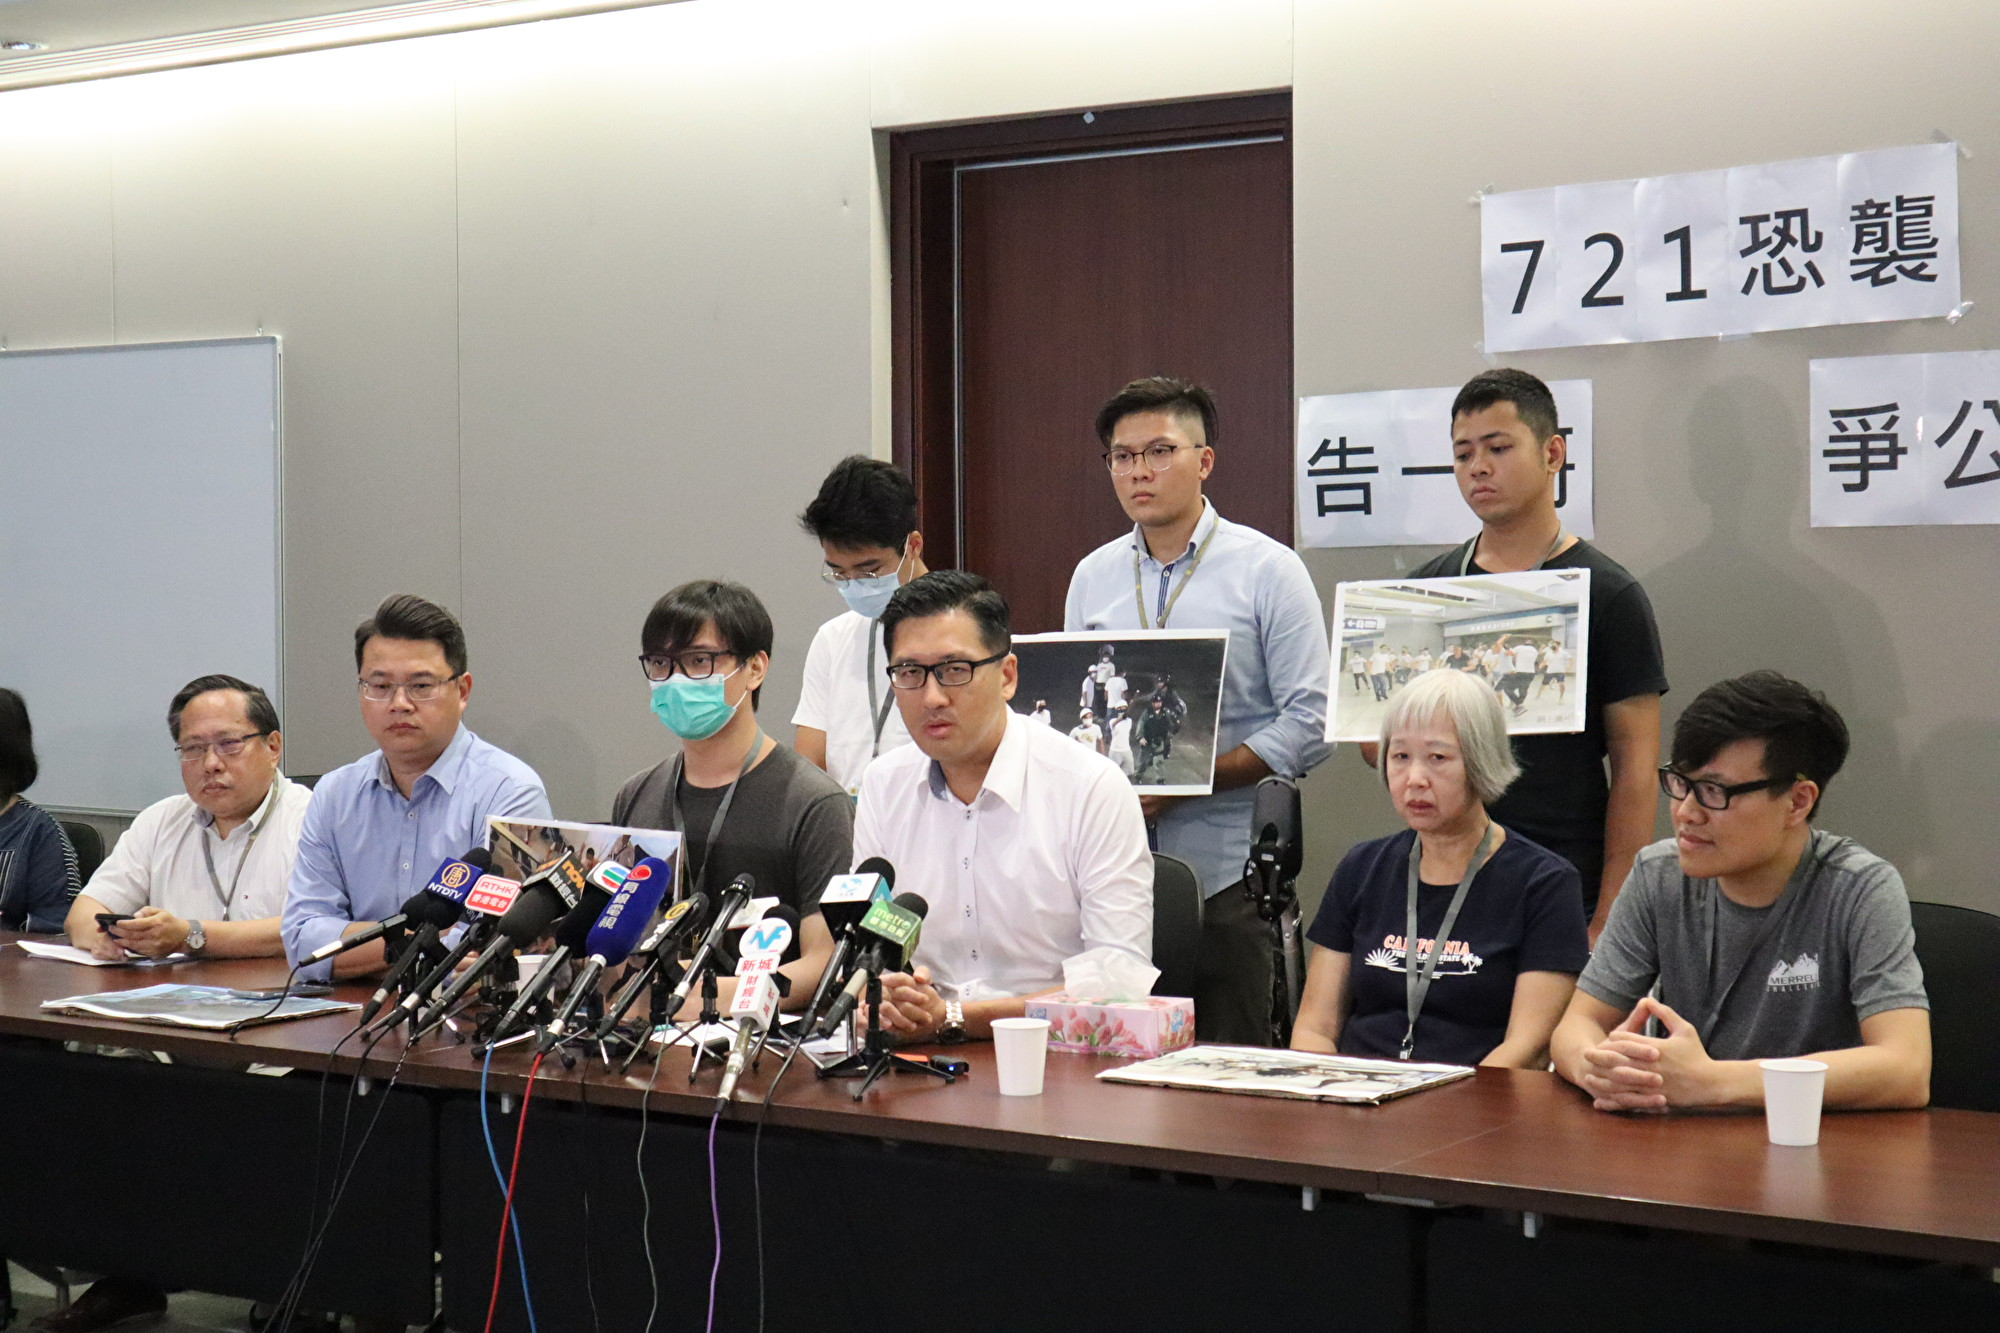 9月9日香港民主黨議員連同元朗事件7名受害人與媒體見面,宣佈向香港警務處長等提民事賠償。(駱亞 / 大紀元)